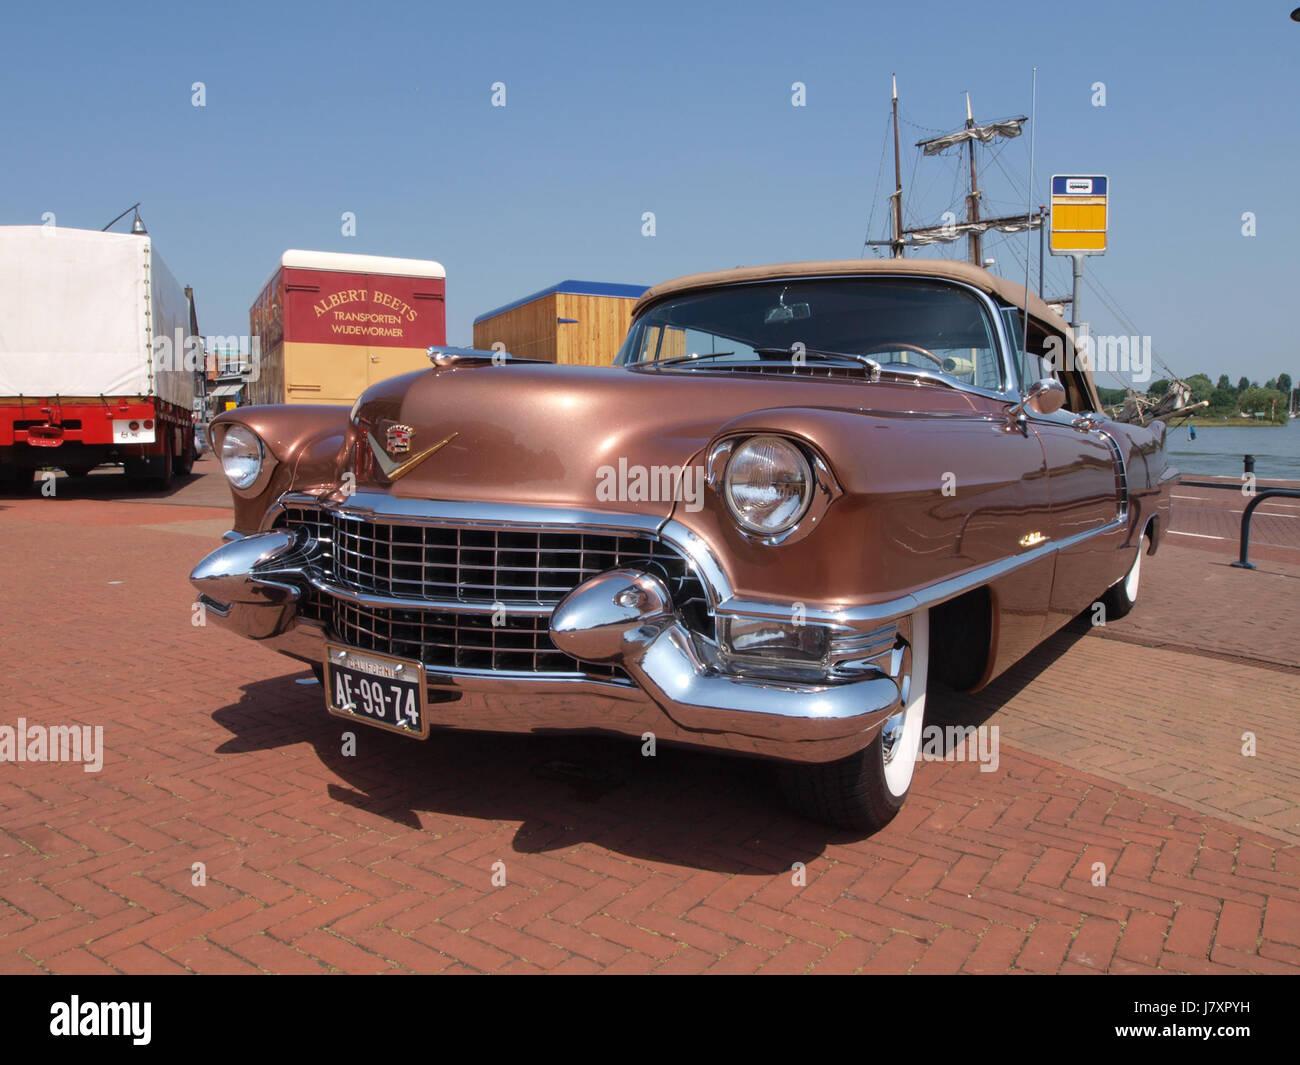 1955 Cadillac Stock Photos & 1955 Cadillac Stock Images - Alamy